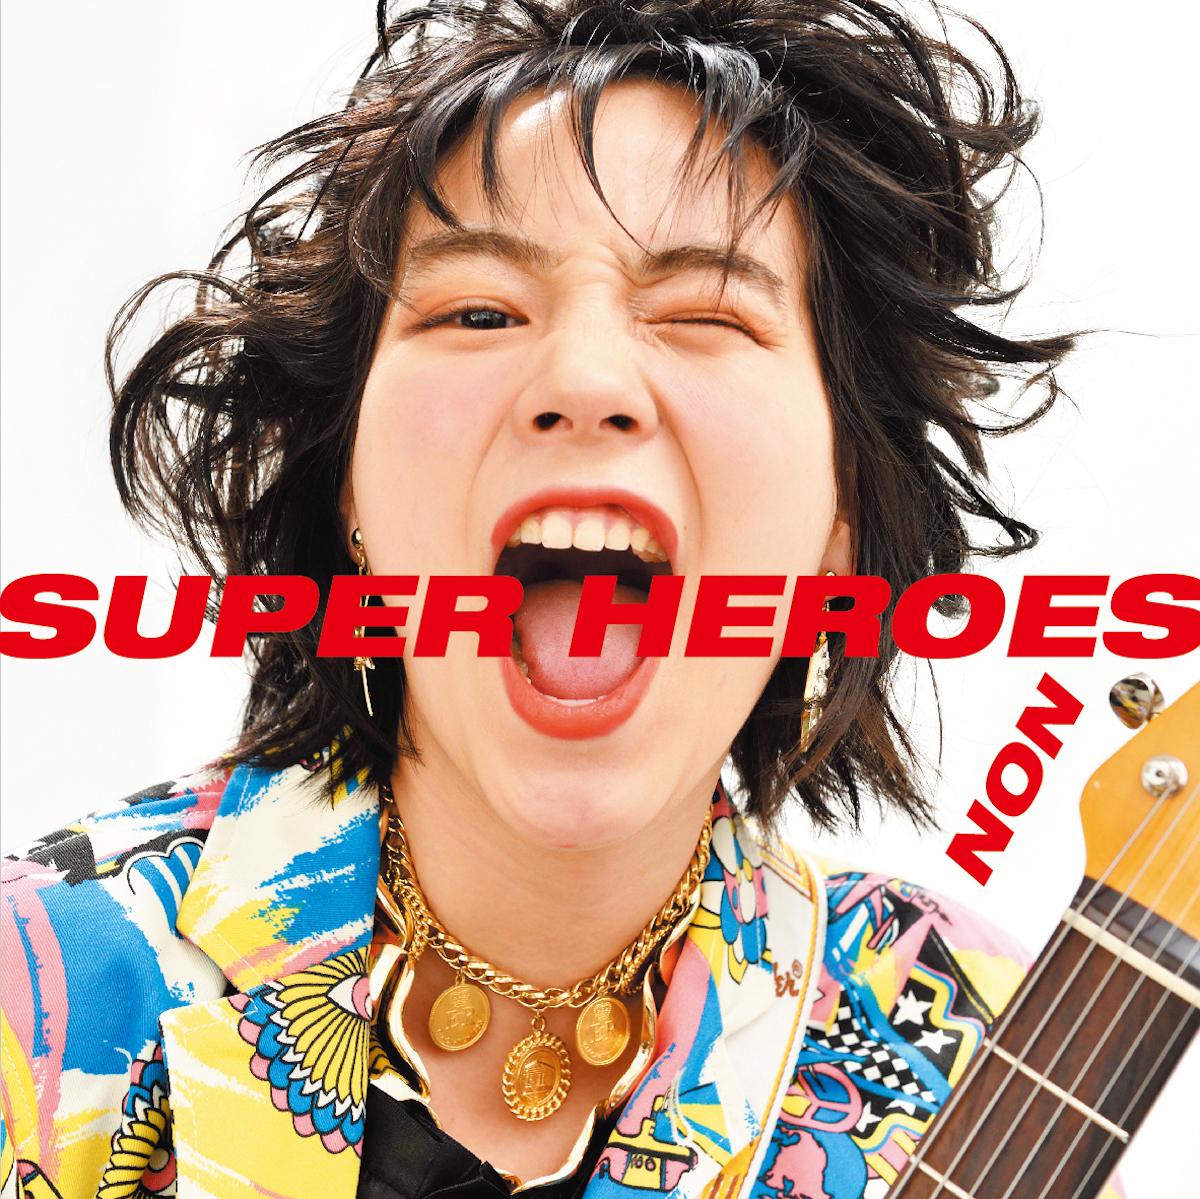 のん、1stアルバム『スーパーヒーローズ』リリース決定!発売前日&個展最終日に初ワンマンライブも決定! music1803226_nondesu_1